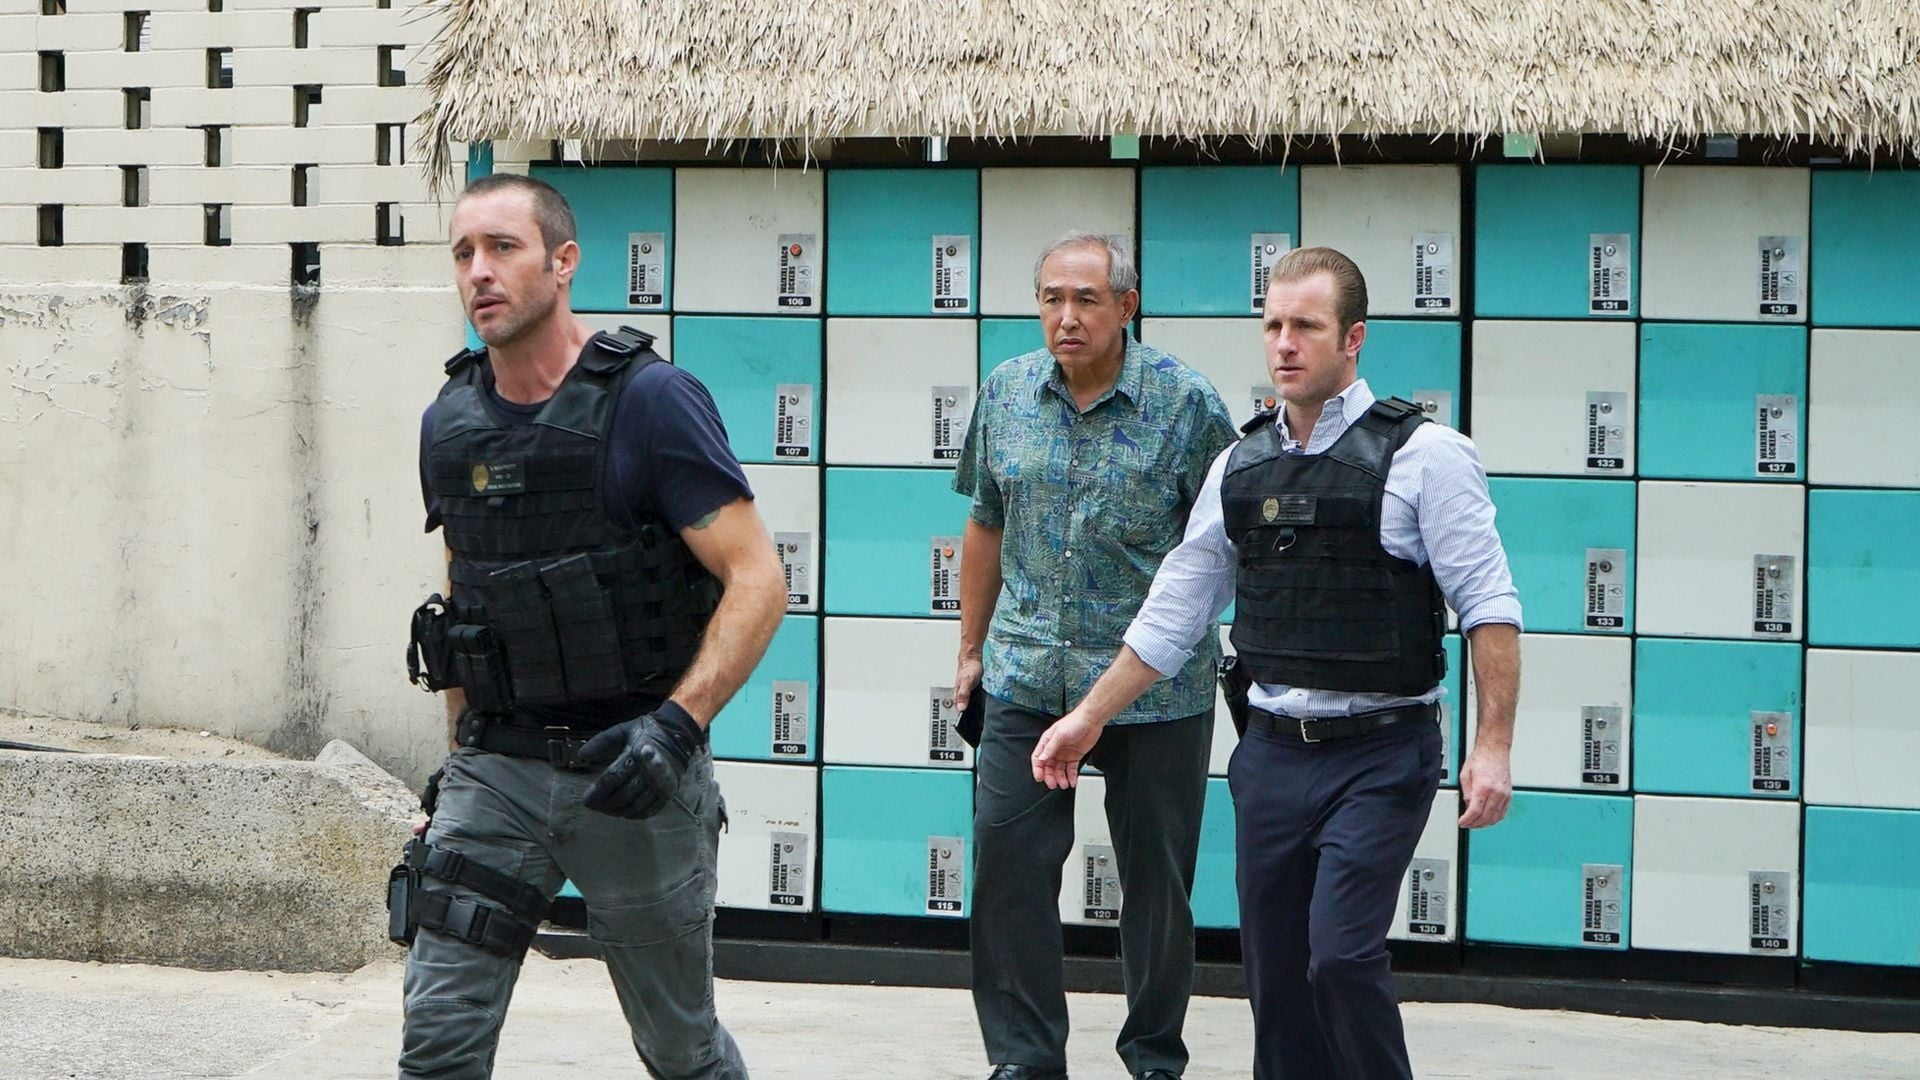 Hawaii Five-0 Season 8 :Episode 22  Kopi wale no i ka i'a a 'eu no ka ilo (Though the Fish is Well Salted, the Maggots Crawl.)